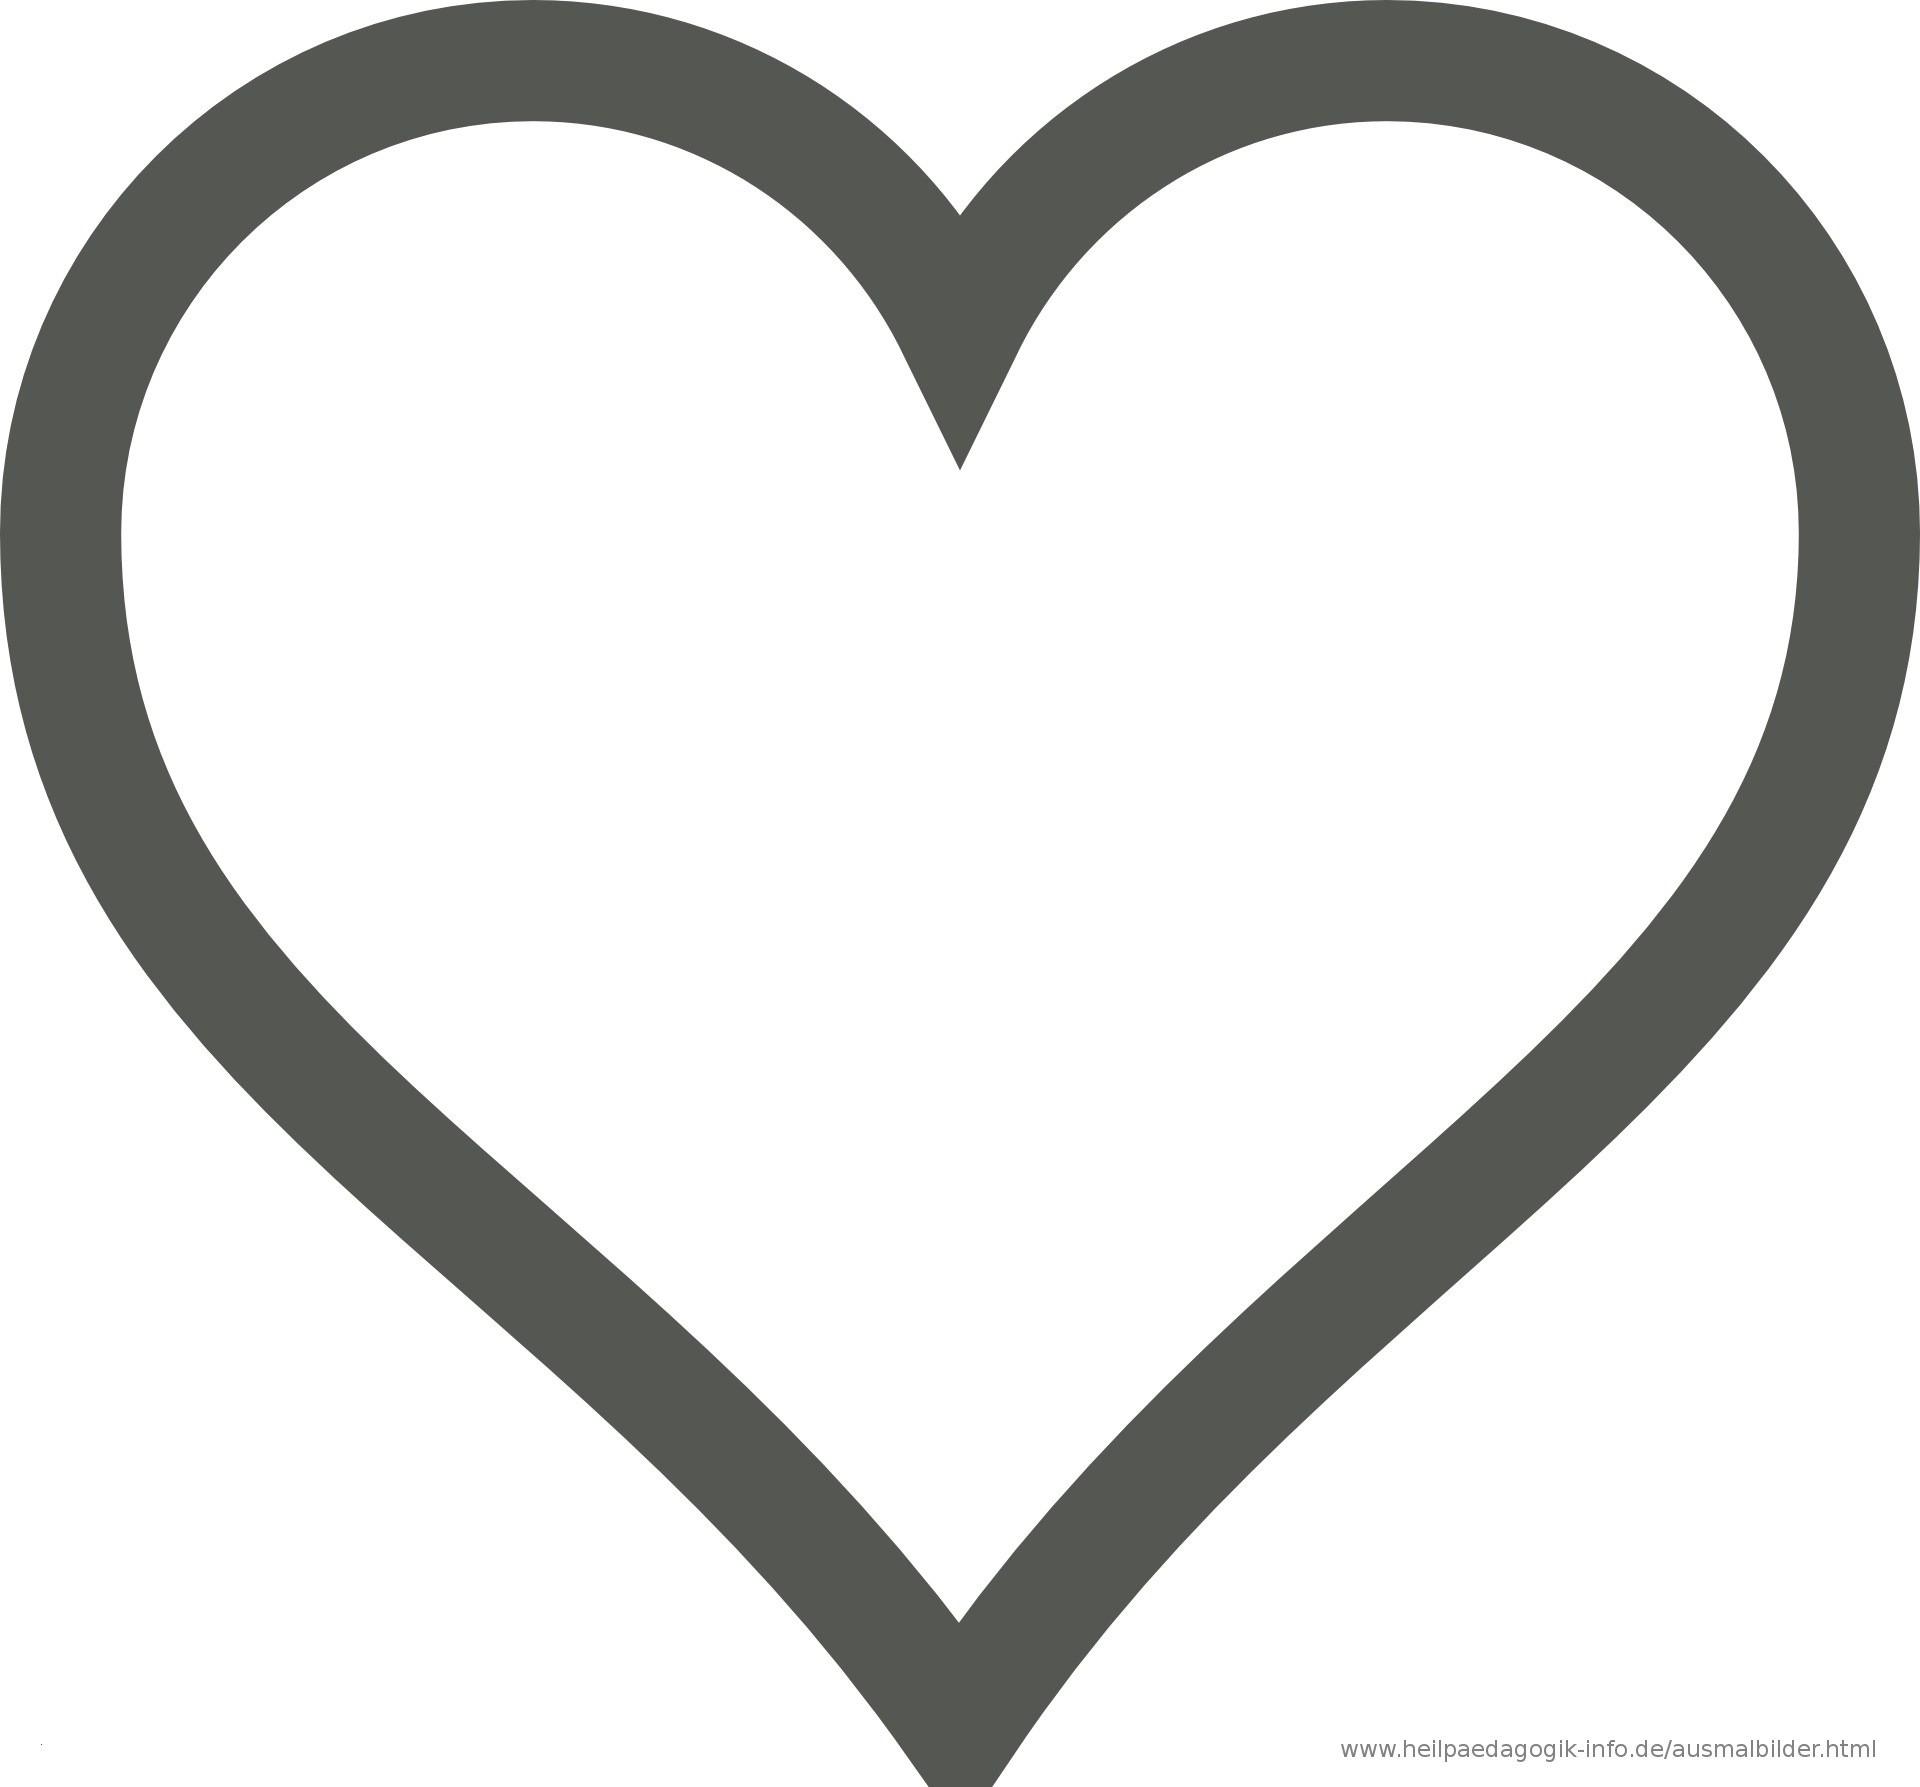 Herz Zum Ausmalen Das Beste Von 40 Herz Malvorlagen Scoredatscore Schön Herz Ausmalbilder Beste Fotografieren